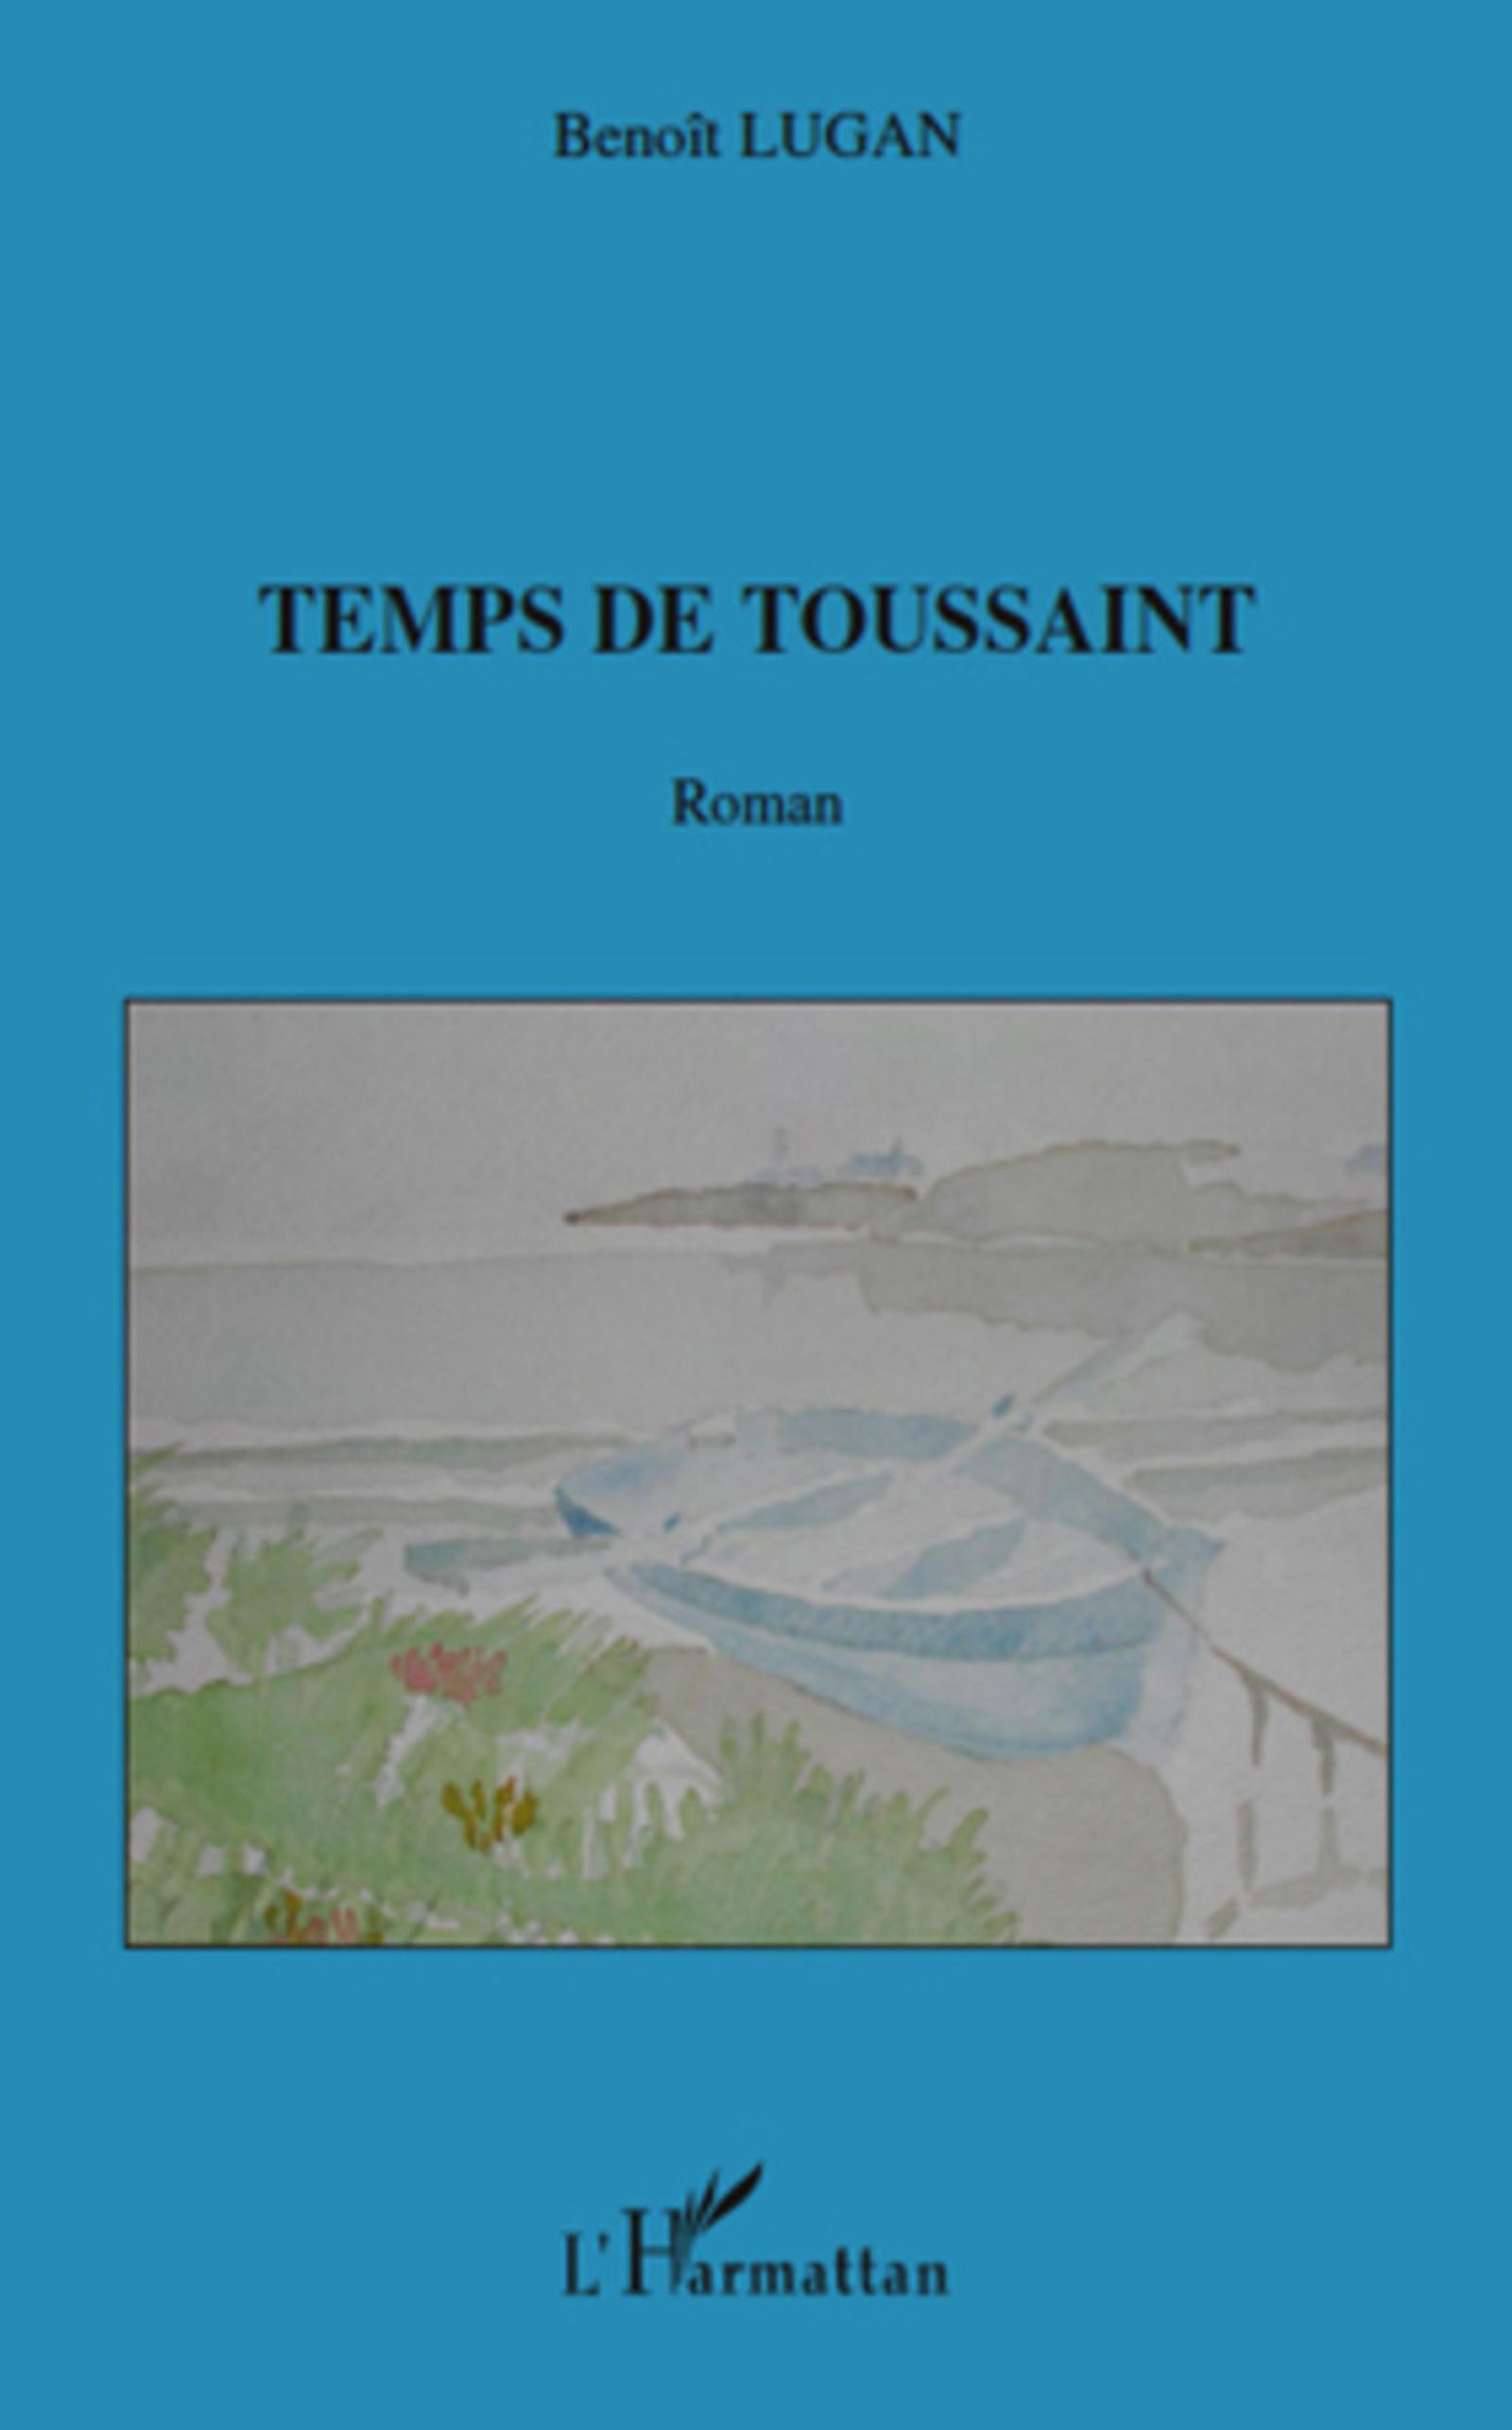 Temps de Toussaint